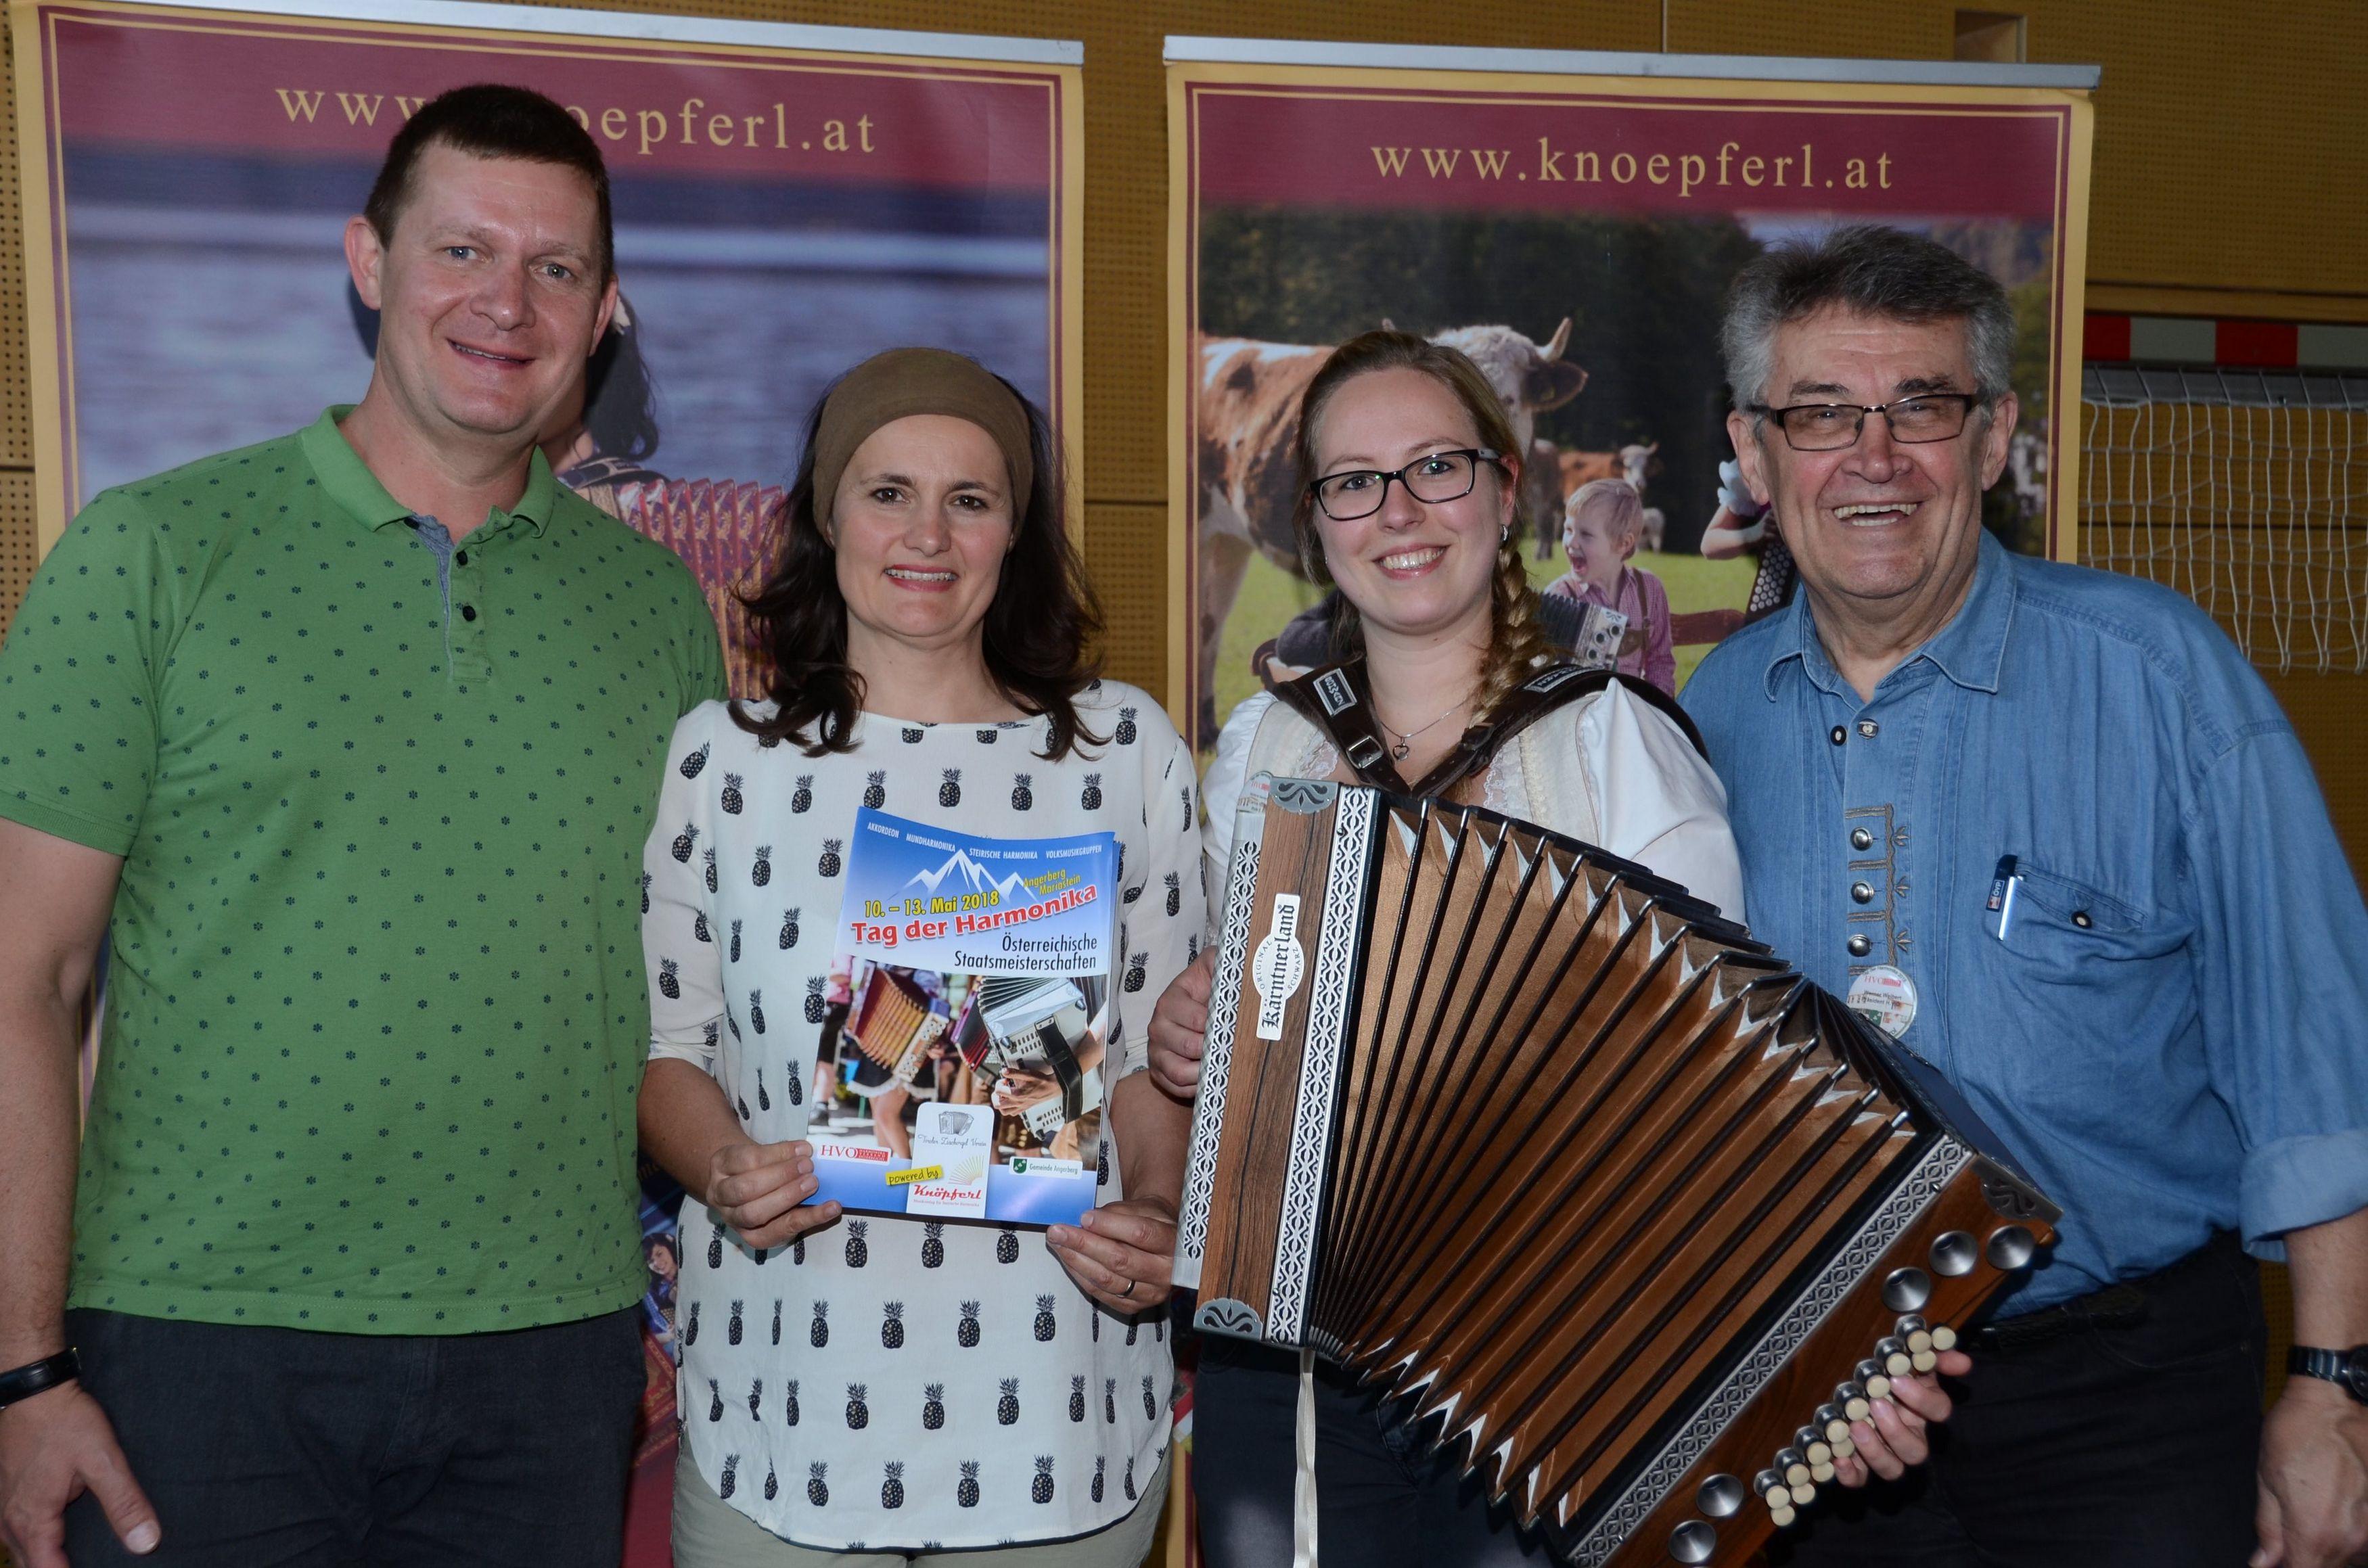 Freuten sich über eine gelungene Veranstaltung: Peter und Michaela Thurner, Carina Höck und HVÖ-Präsident Werner Weibert (von links). Foto: Nageler